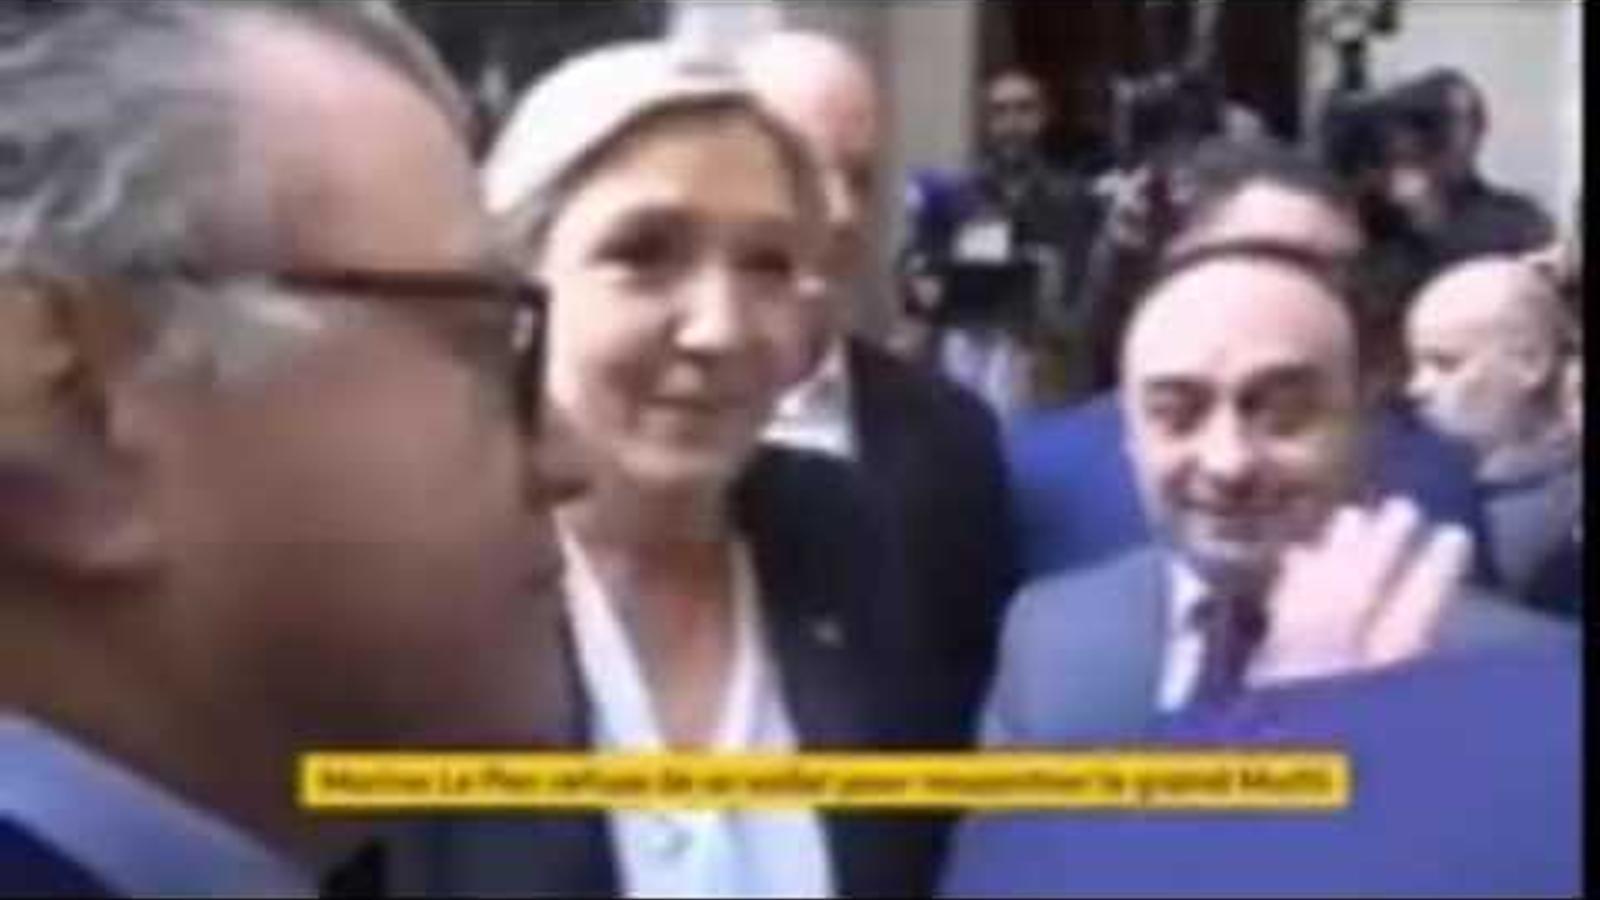 Vídeo del moment en què Le Pen rebutja posar-se el vel.